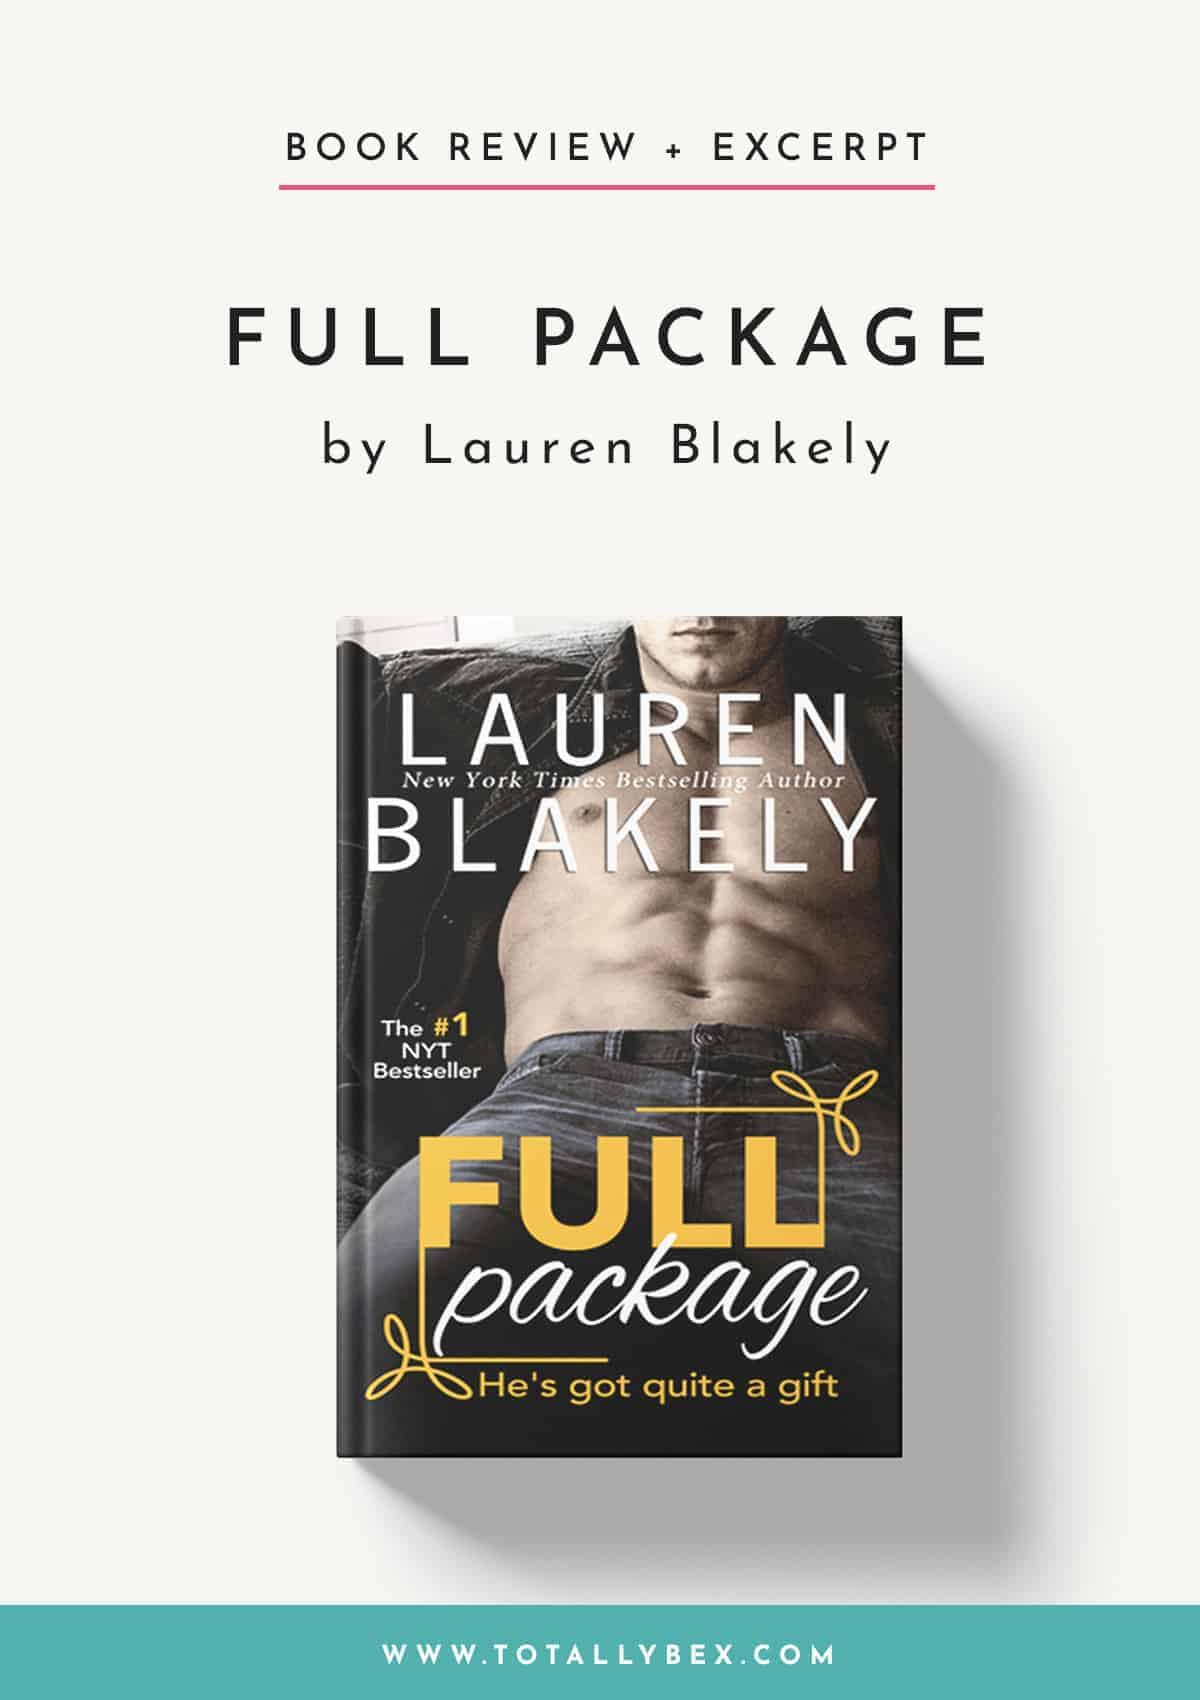 Full Package by Lauren Blakely-Book Review+Excerpt